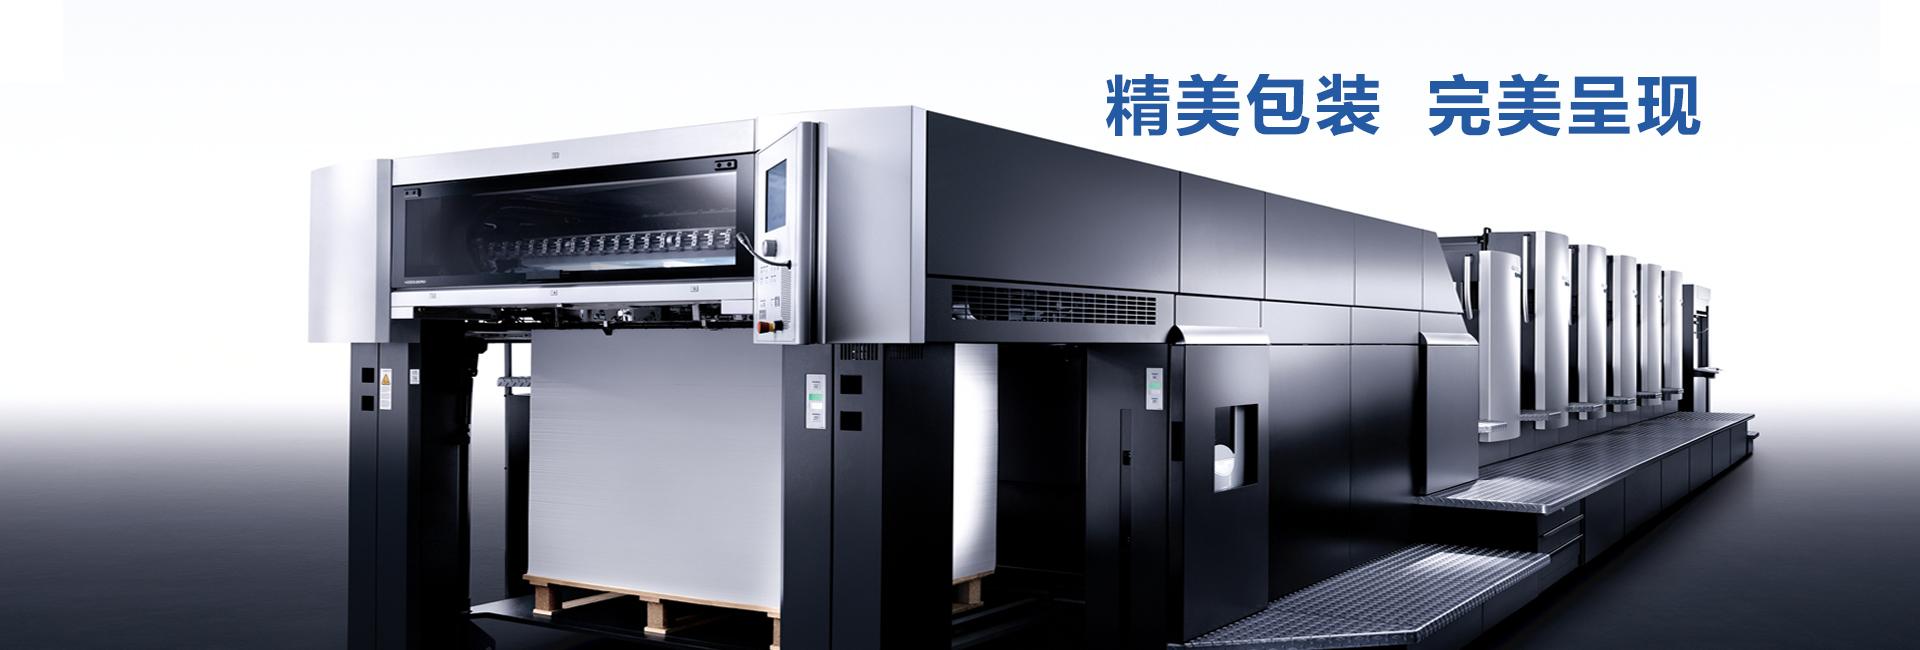 昆明包装印刷设备